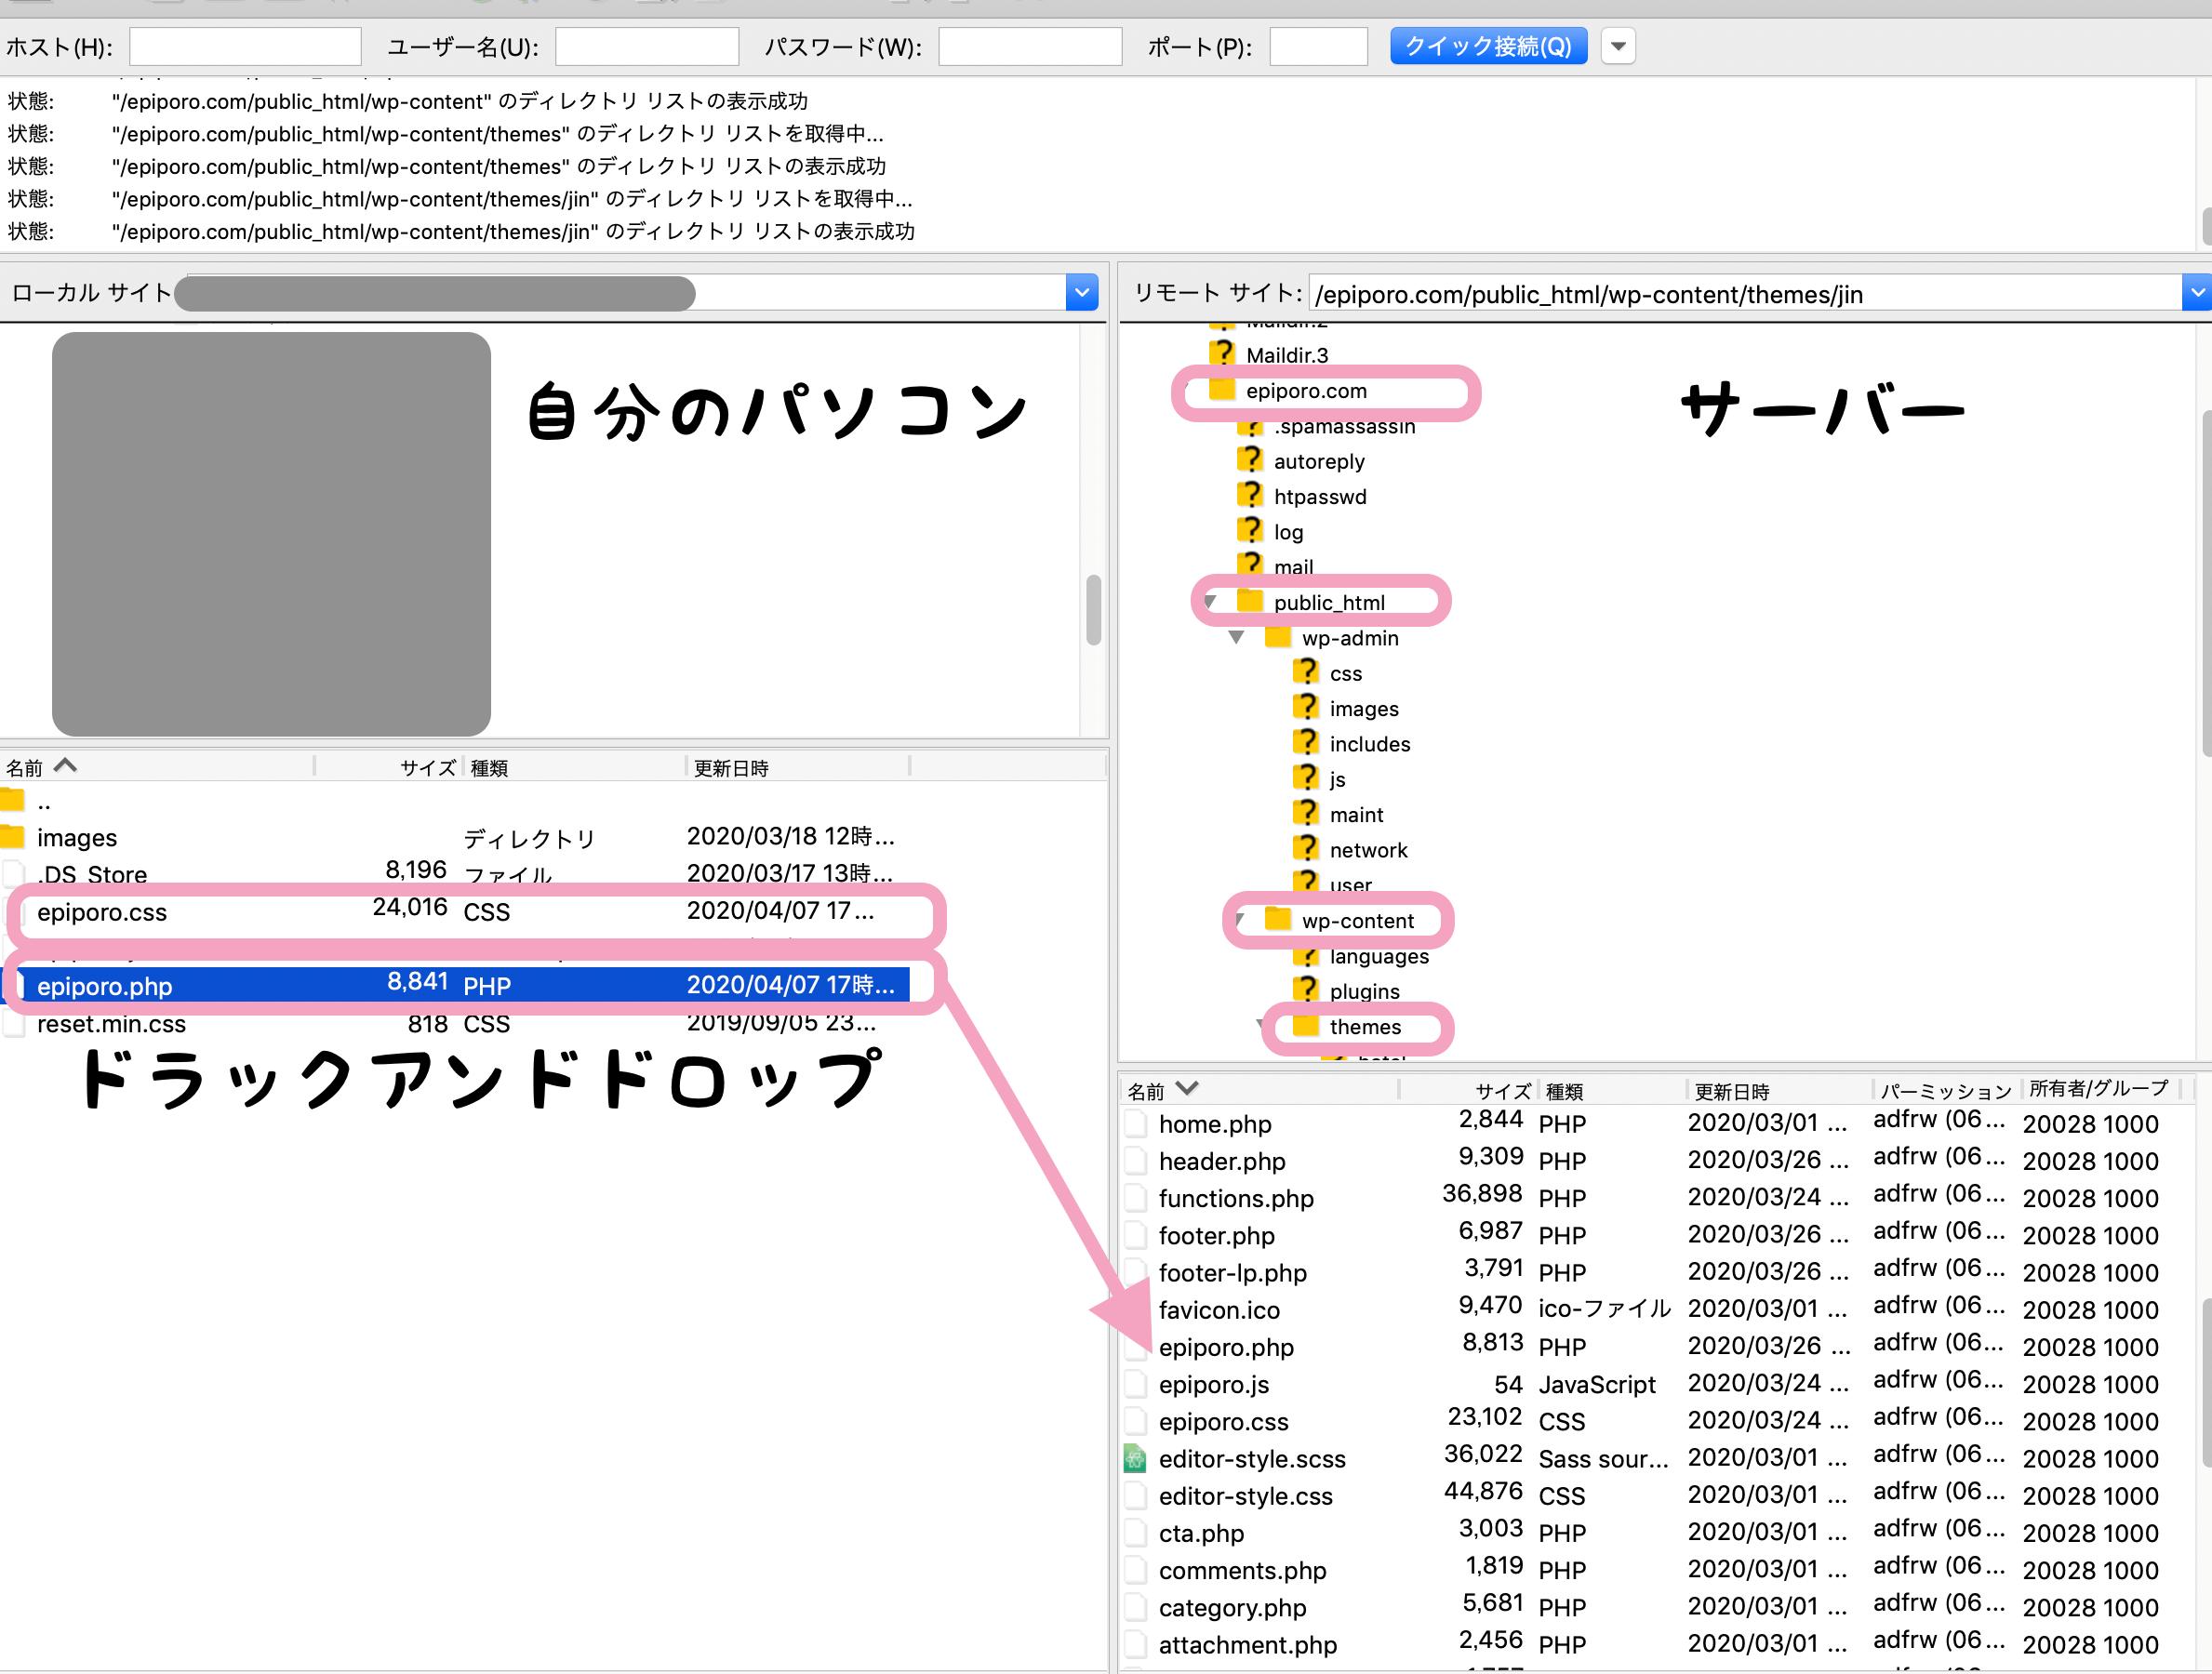 FileZillaでサーバーにアップロード